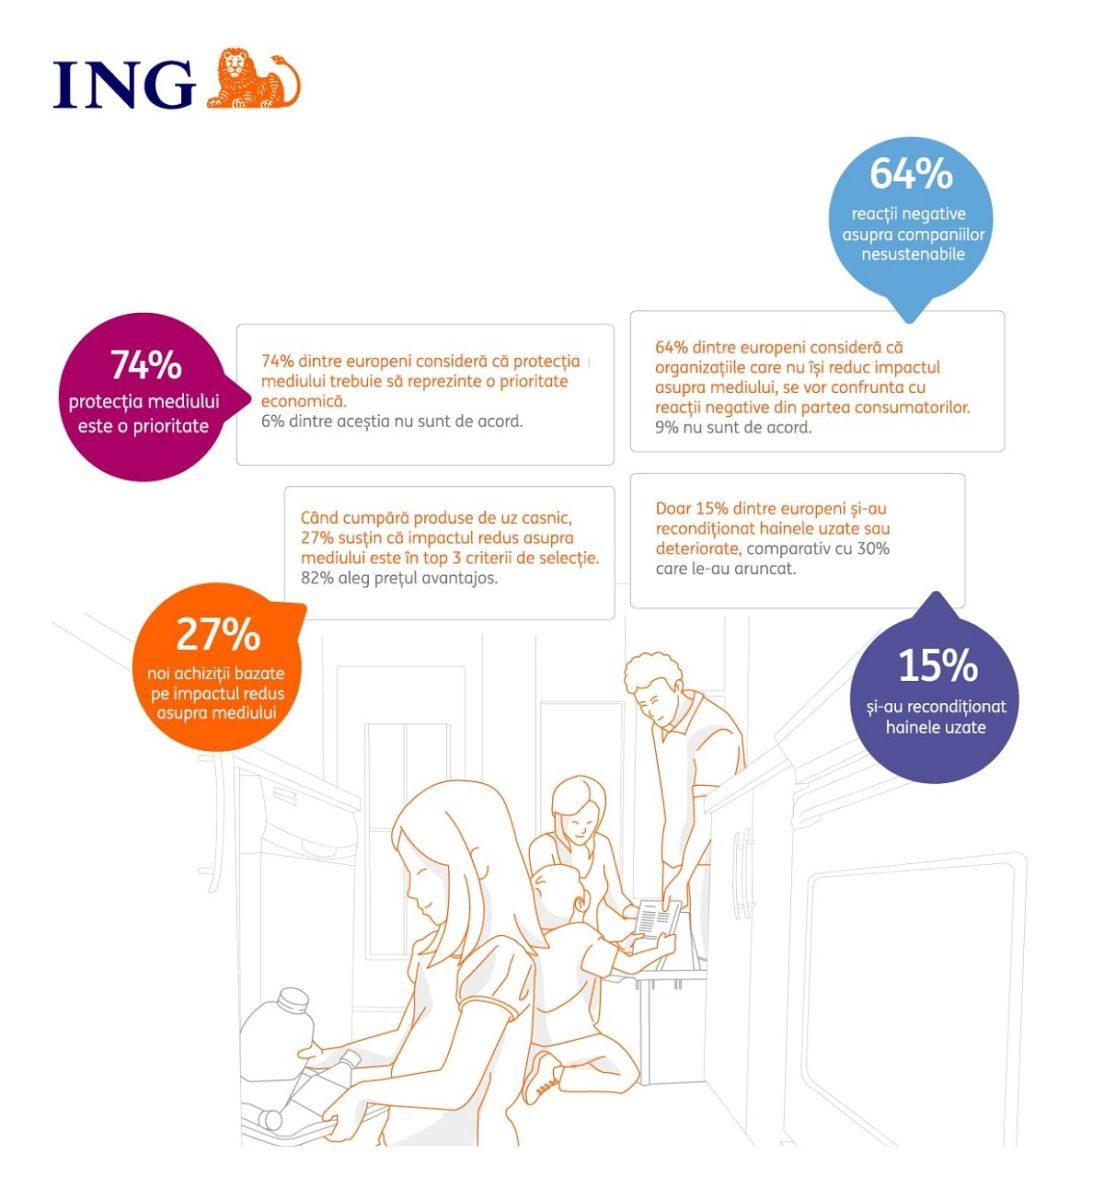 Economia circulara ING